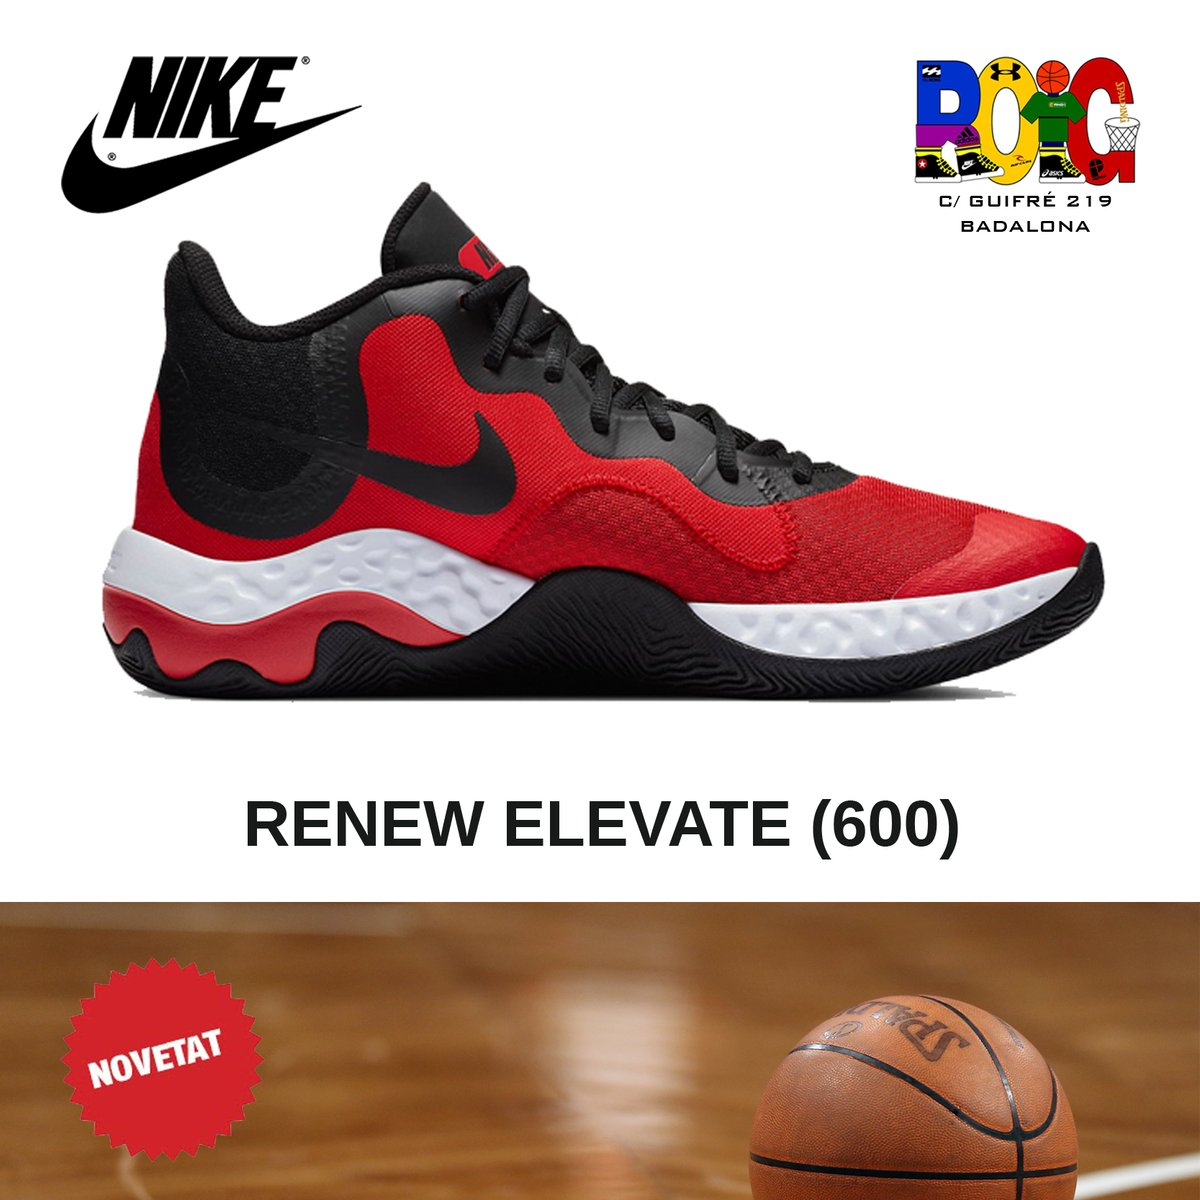 📢 NOVETATS en vambes 👟 de bàsquet 🏀️ per a adults: les Nike RENEW ELEVATE (600) Disponibles a la botiga o a la web 💻 en https://t.co/rh9OWEomOx #nike #bàsquet #jordiroig #badalona https://t.co/HpuClwv5SI